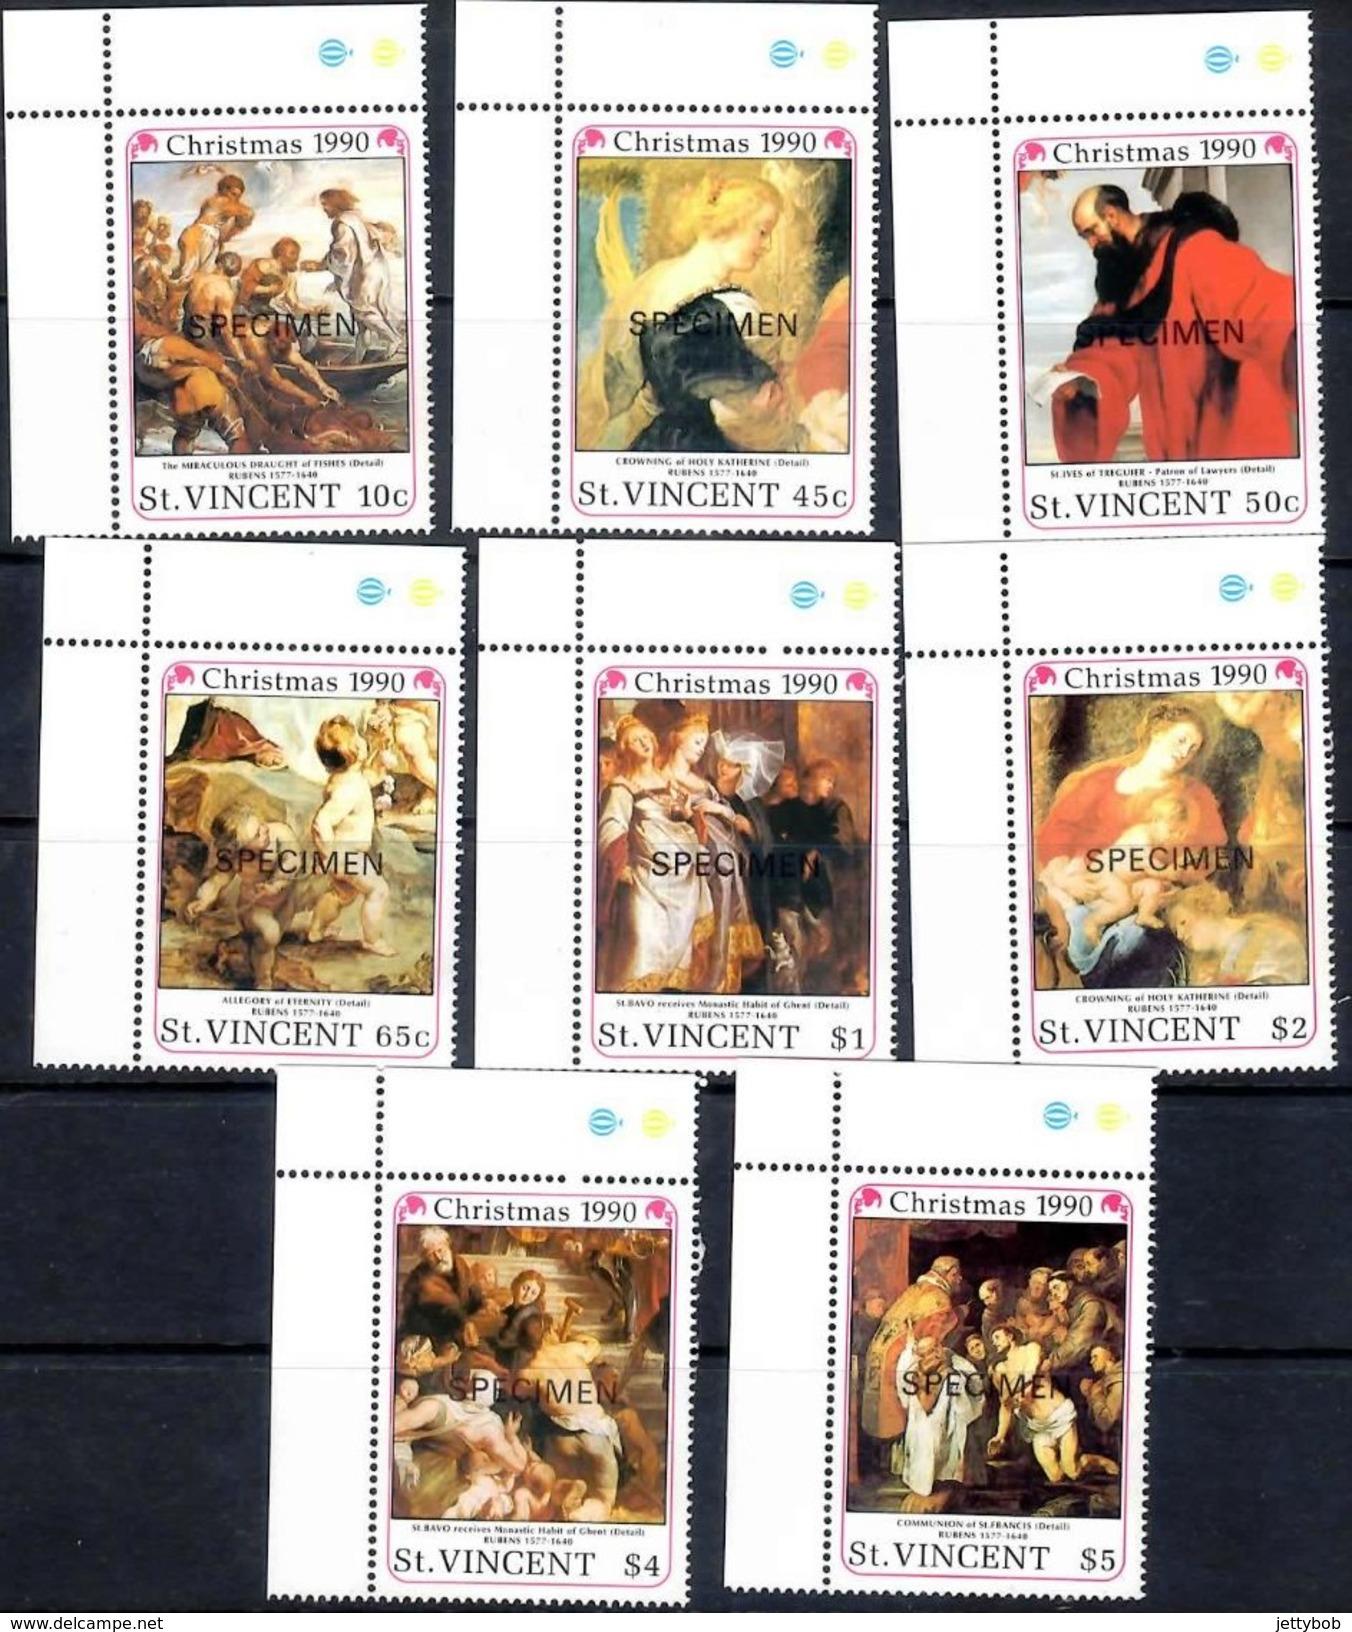 ST VINCENT 1990 Christmas Complete Set Of 8 Values Overprinted SPECIMEN Mint - St.Vincent (1979-...)